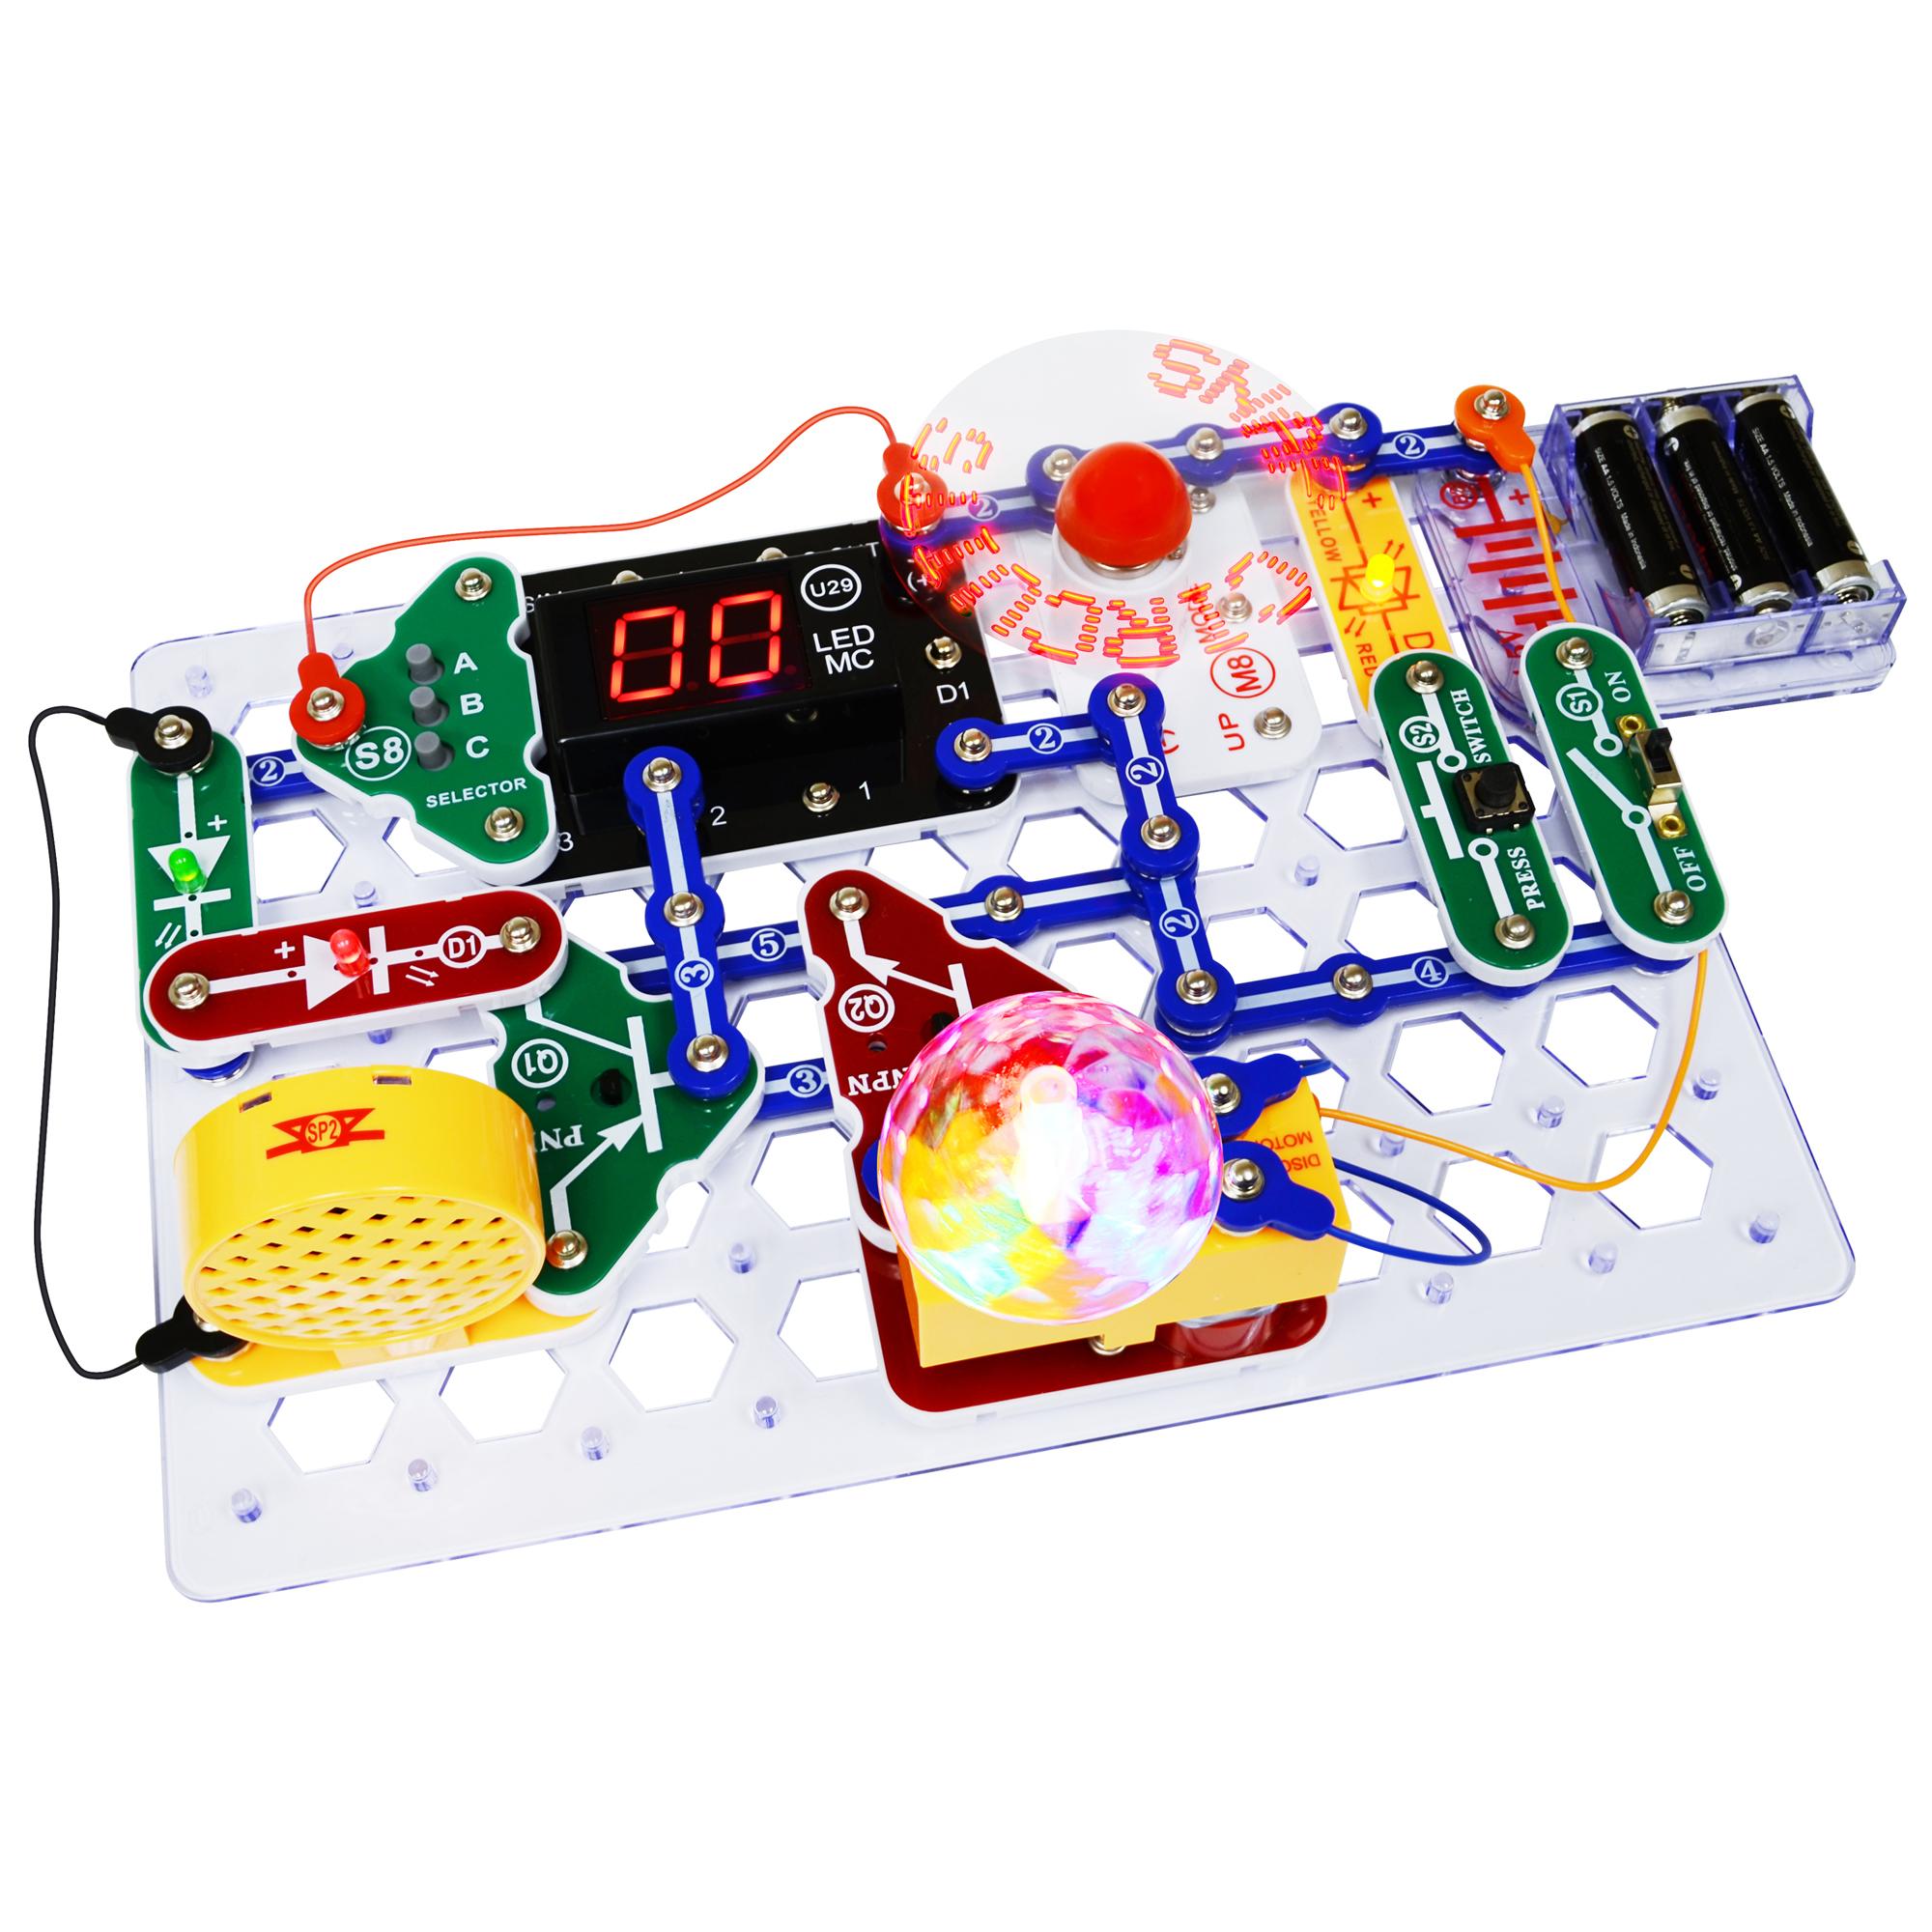 Led Lighting Circuitsled Pcb Boardalumimun Led Pcb Buy Led